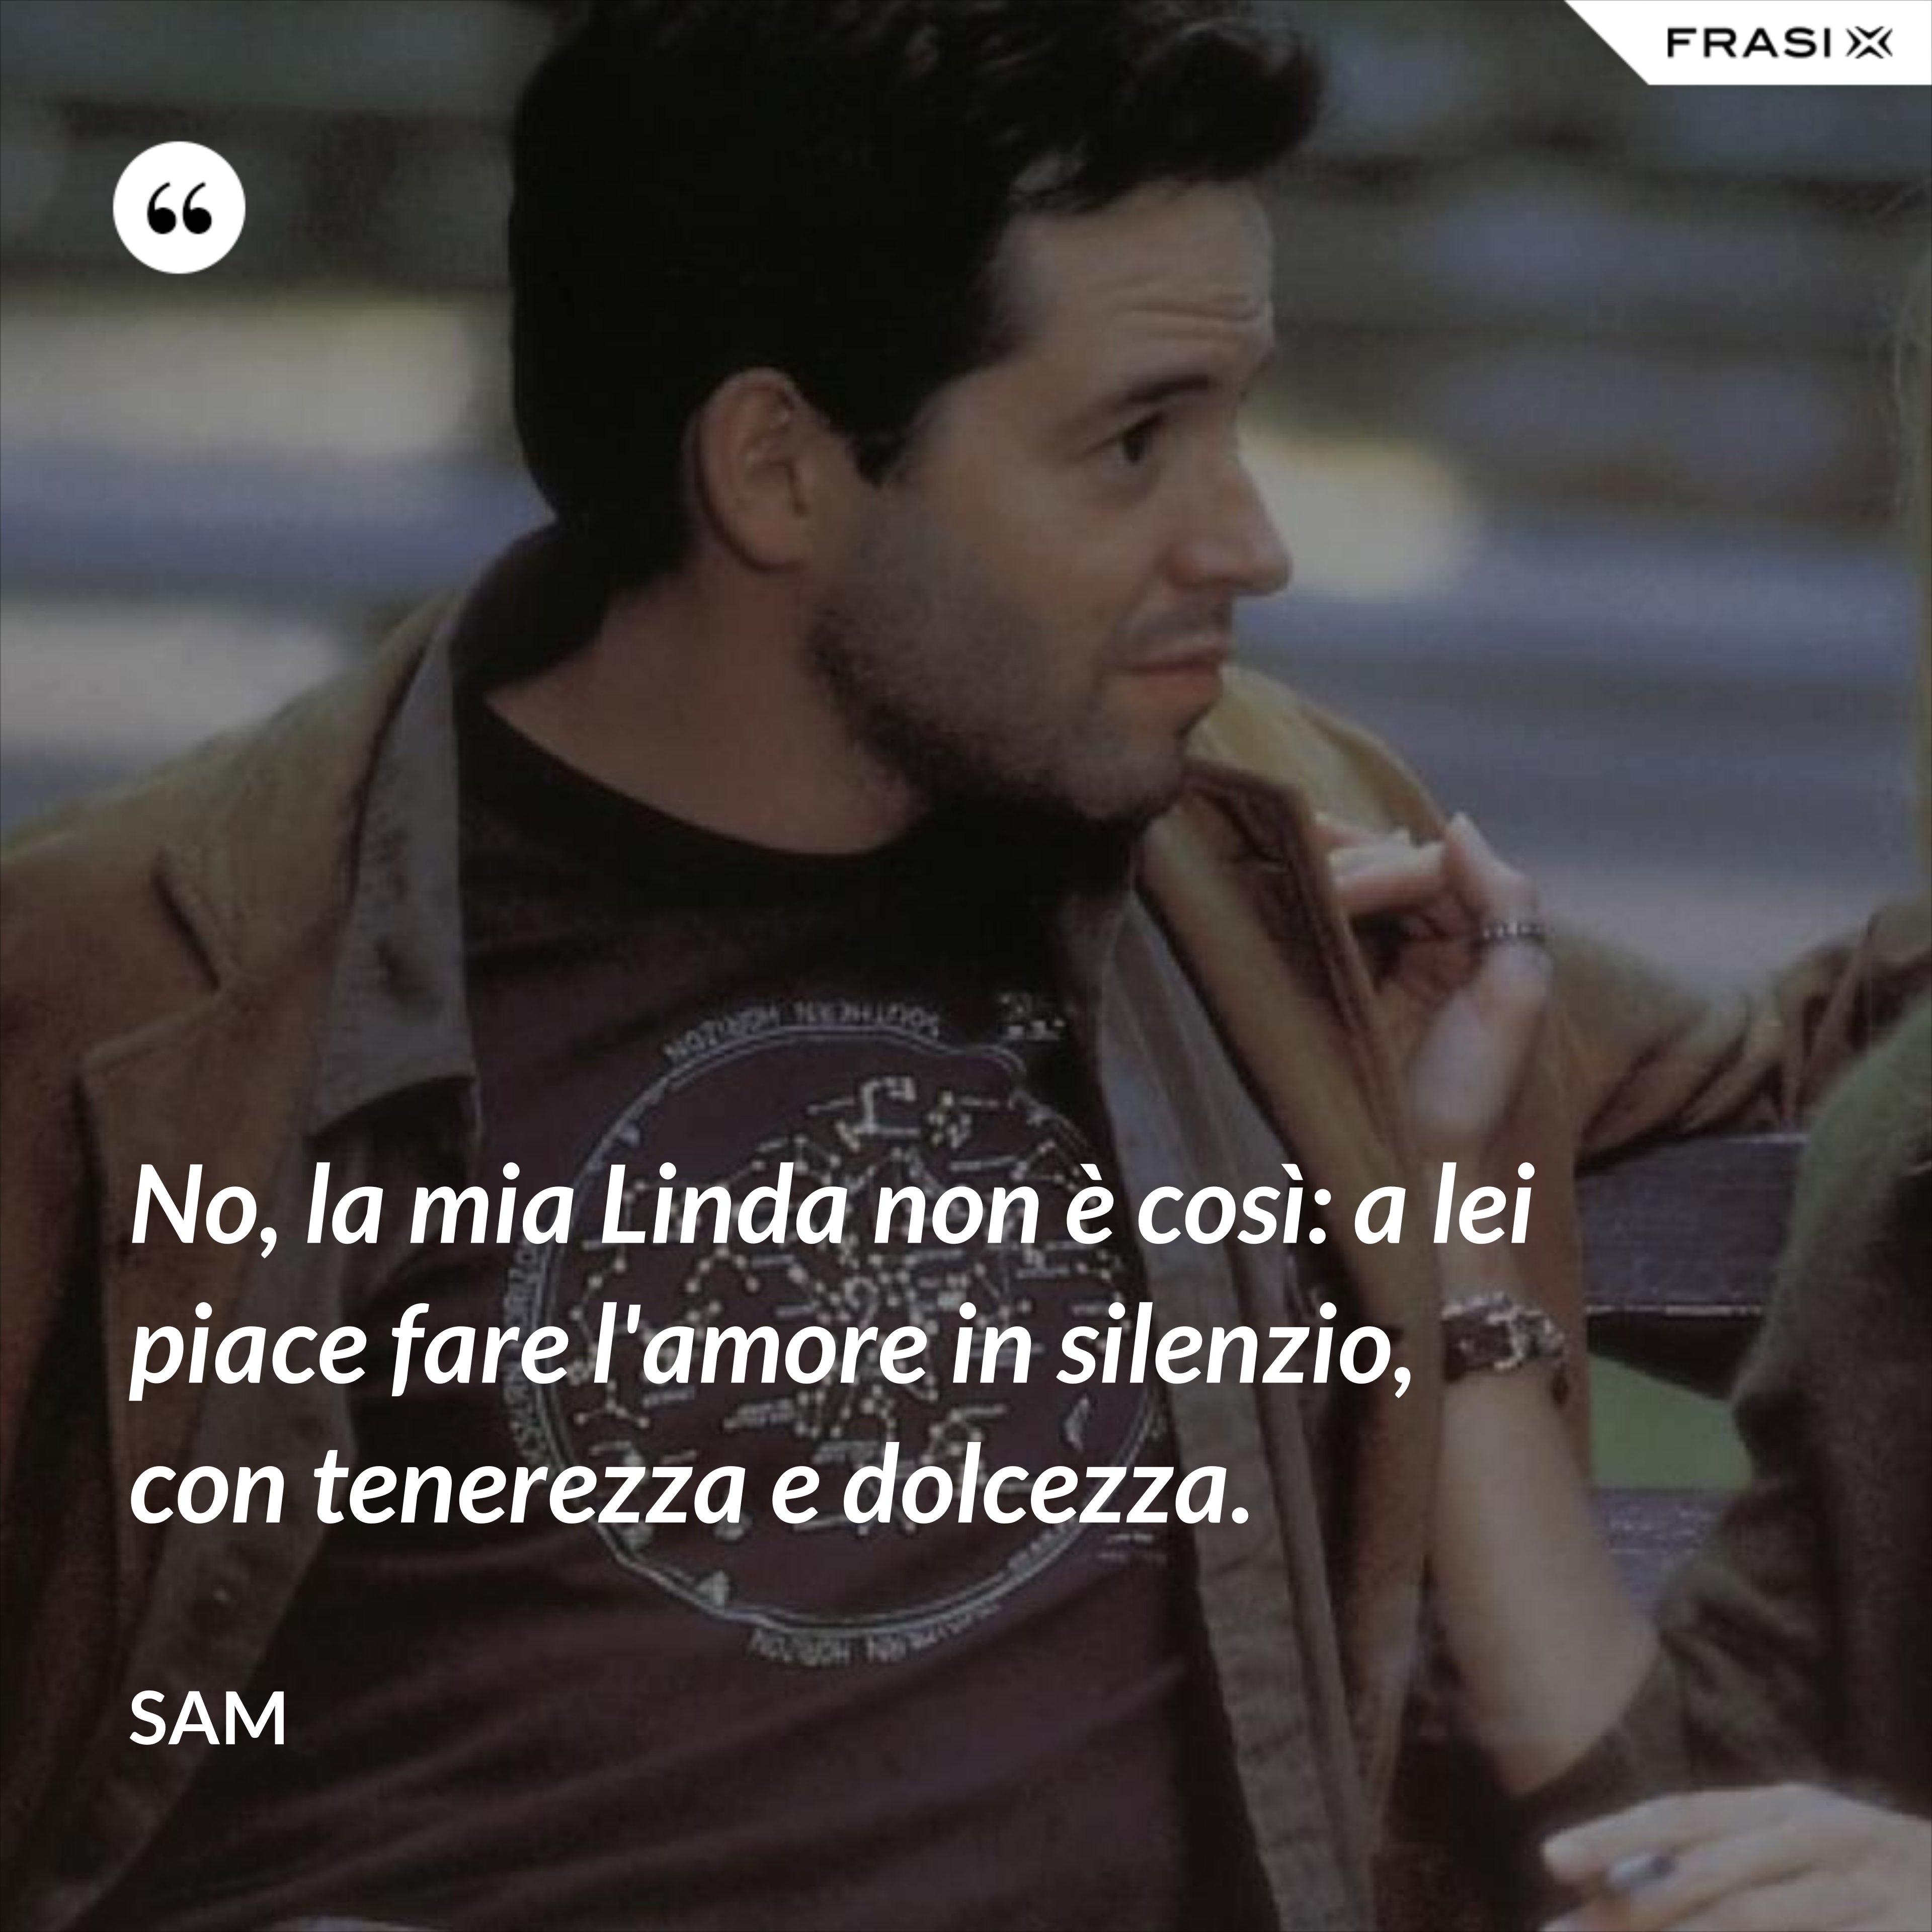 No, la mia Linda non è così: a lei piace fare l'amore in silenzio, con tenerezza e dolcezza. - Sam